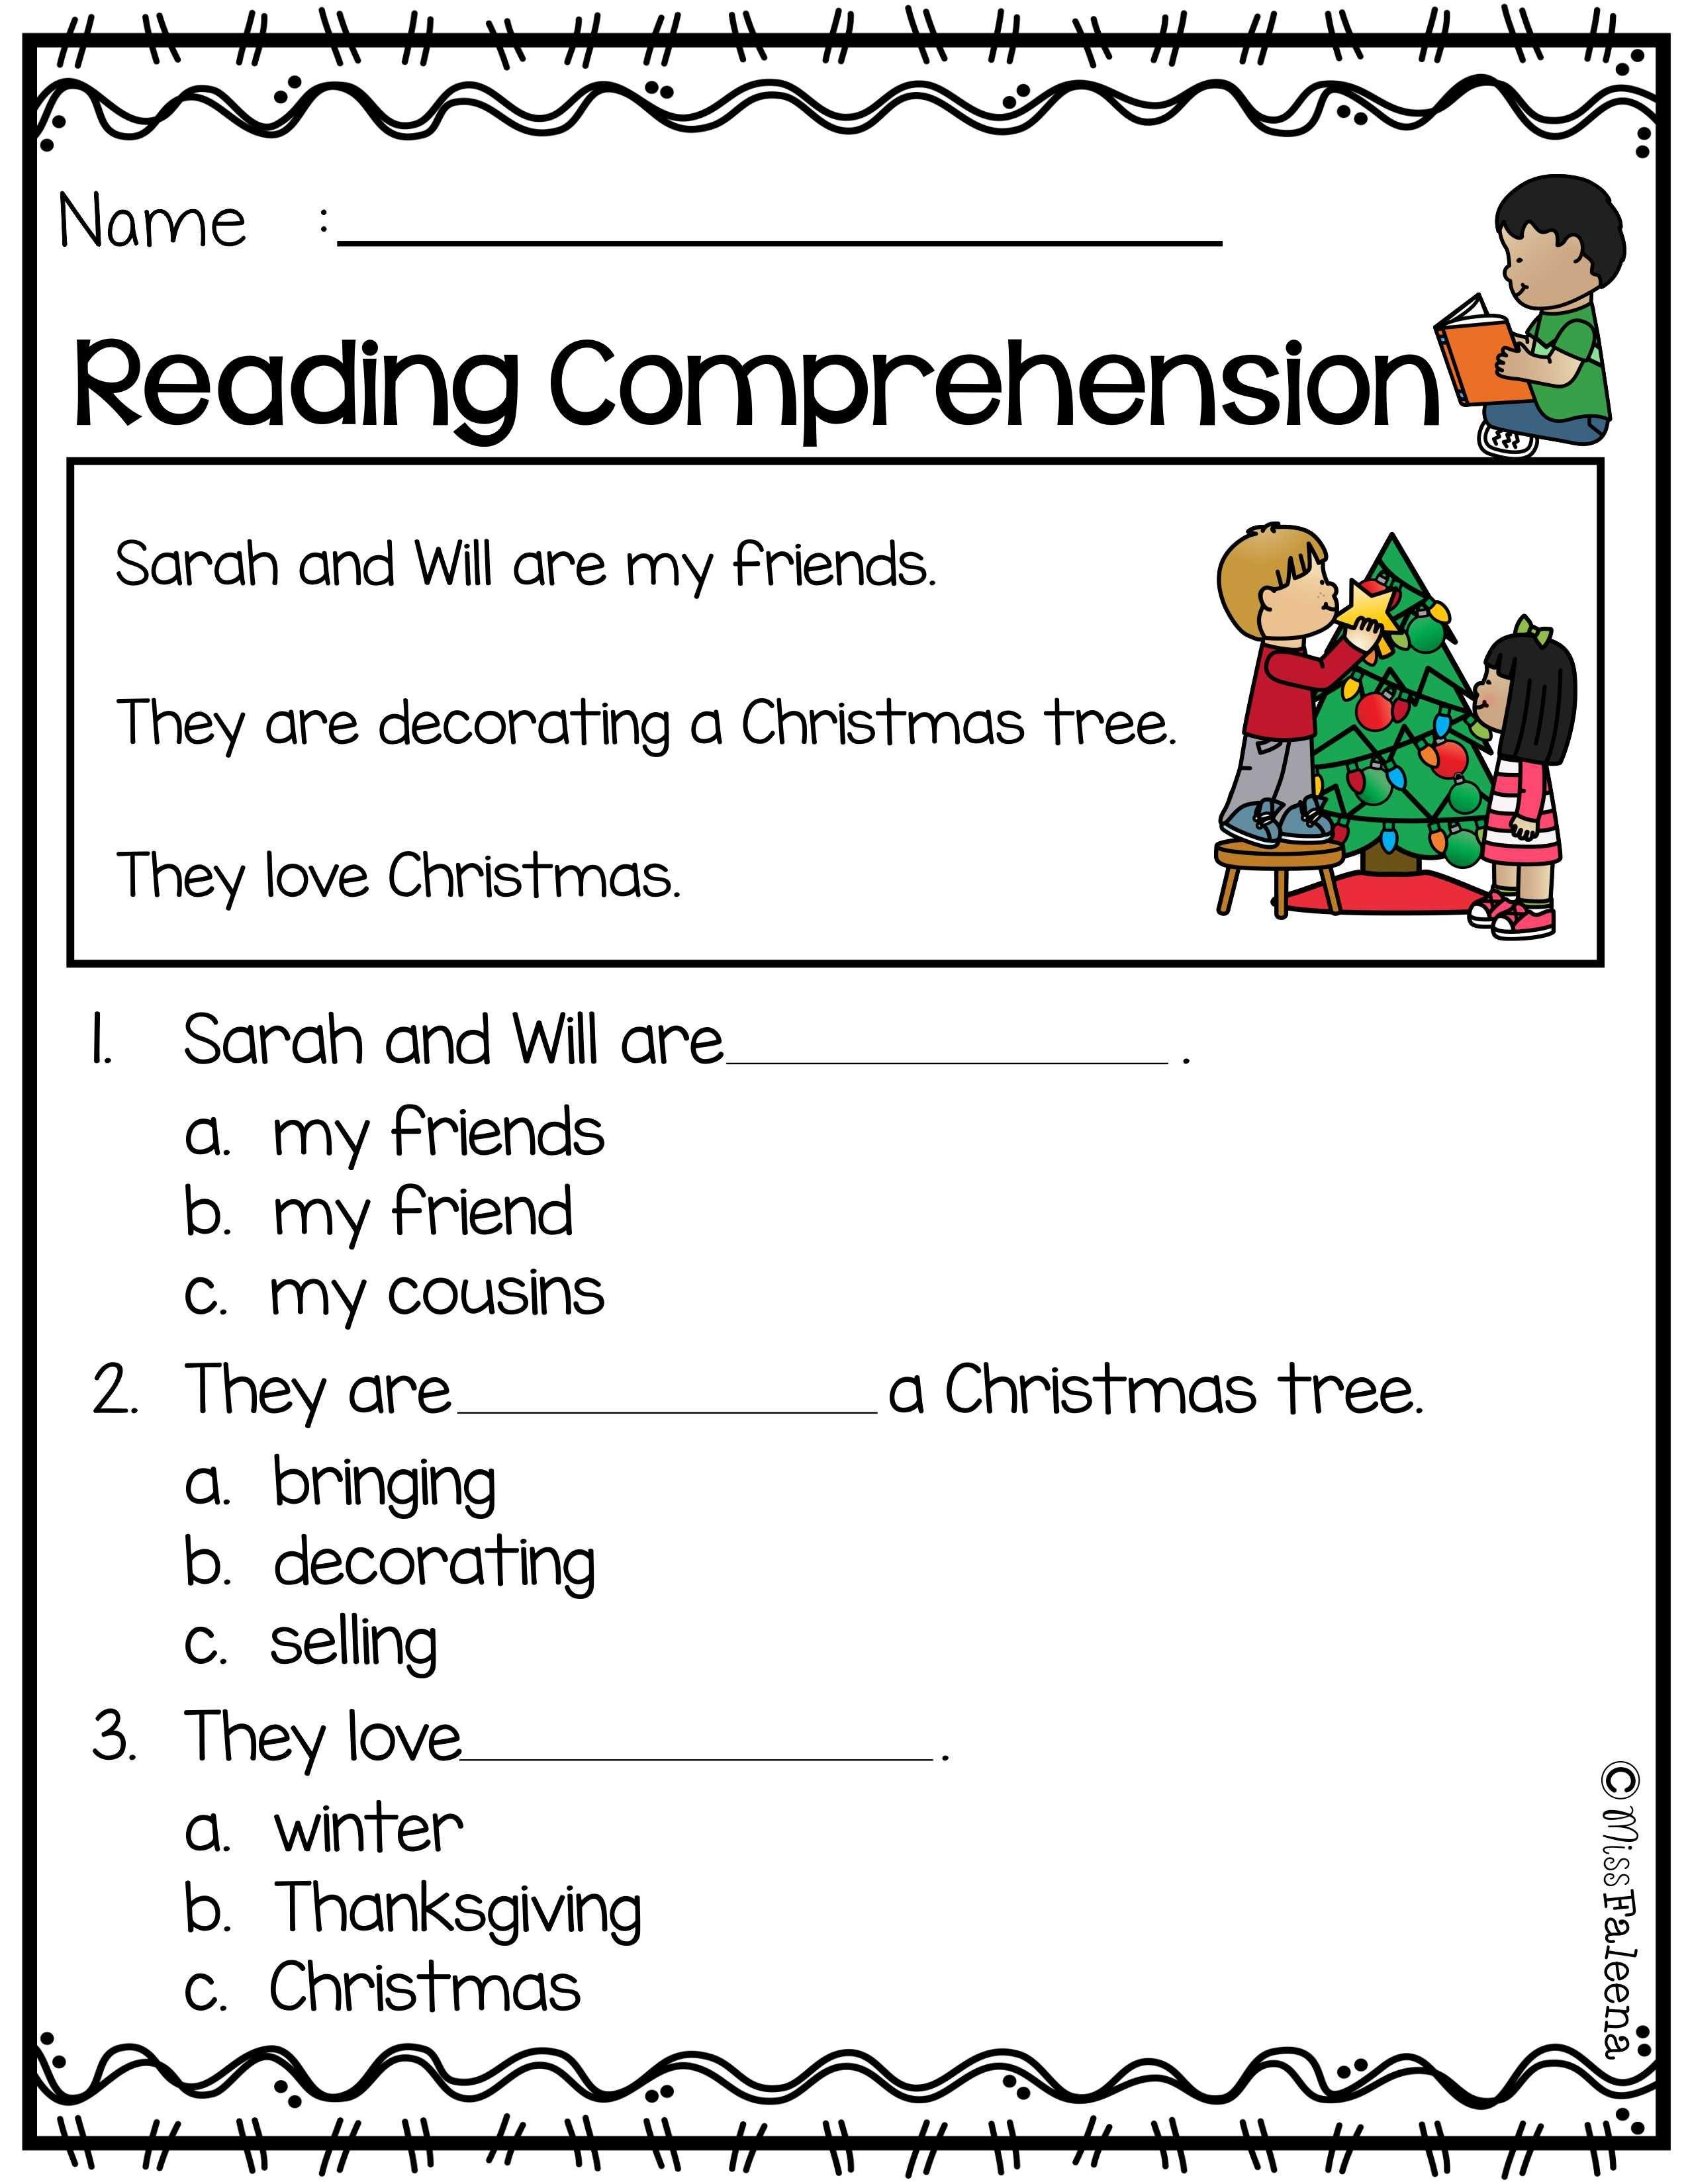 december reading comprehension winter learning wonderland reading comprehension. Black Bedroom Furniture Sets. Home Design Ideas